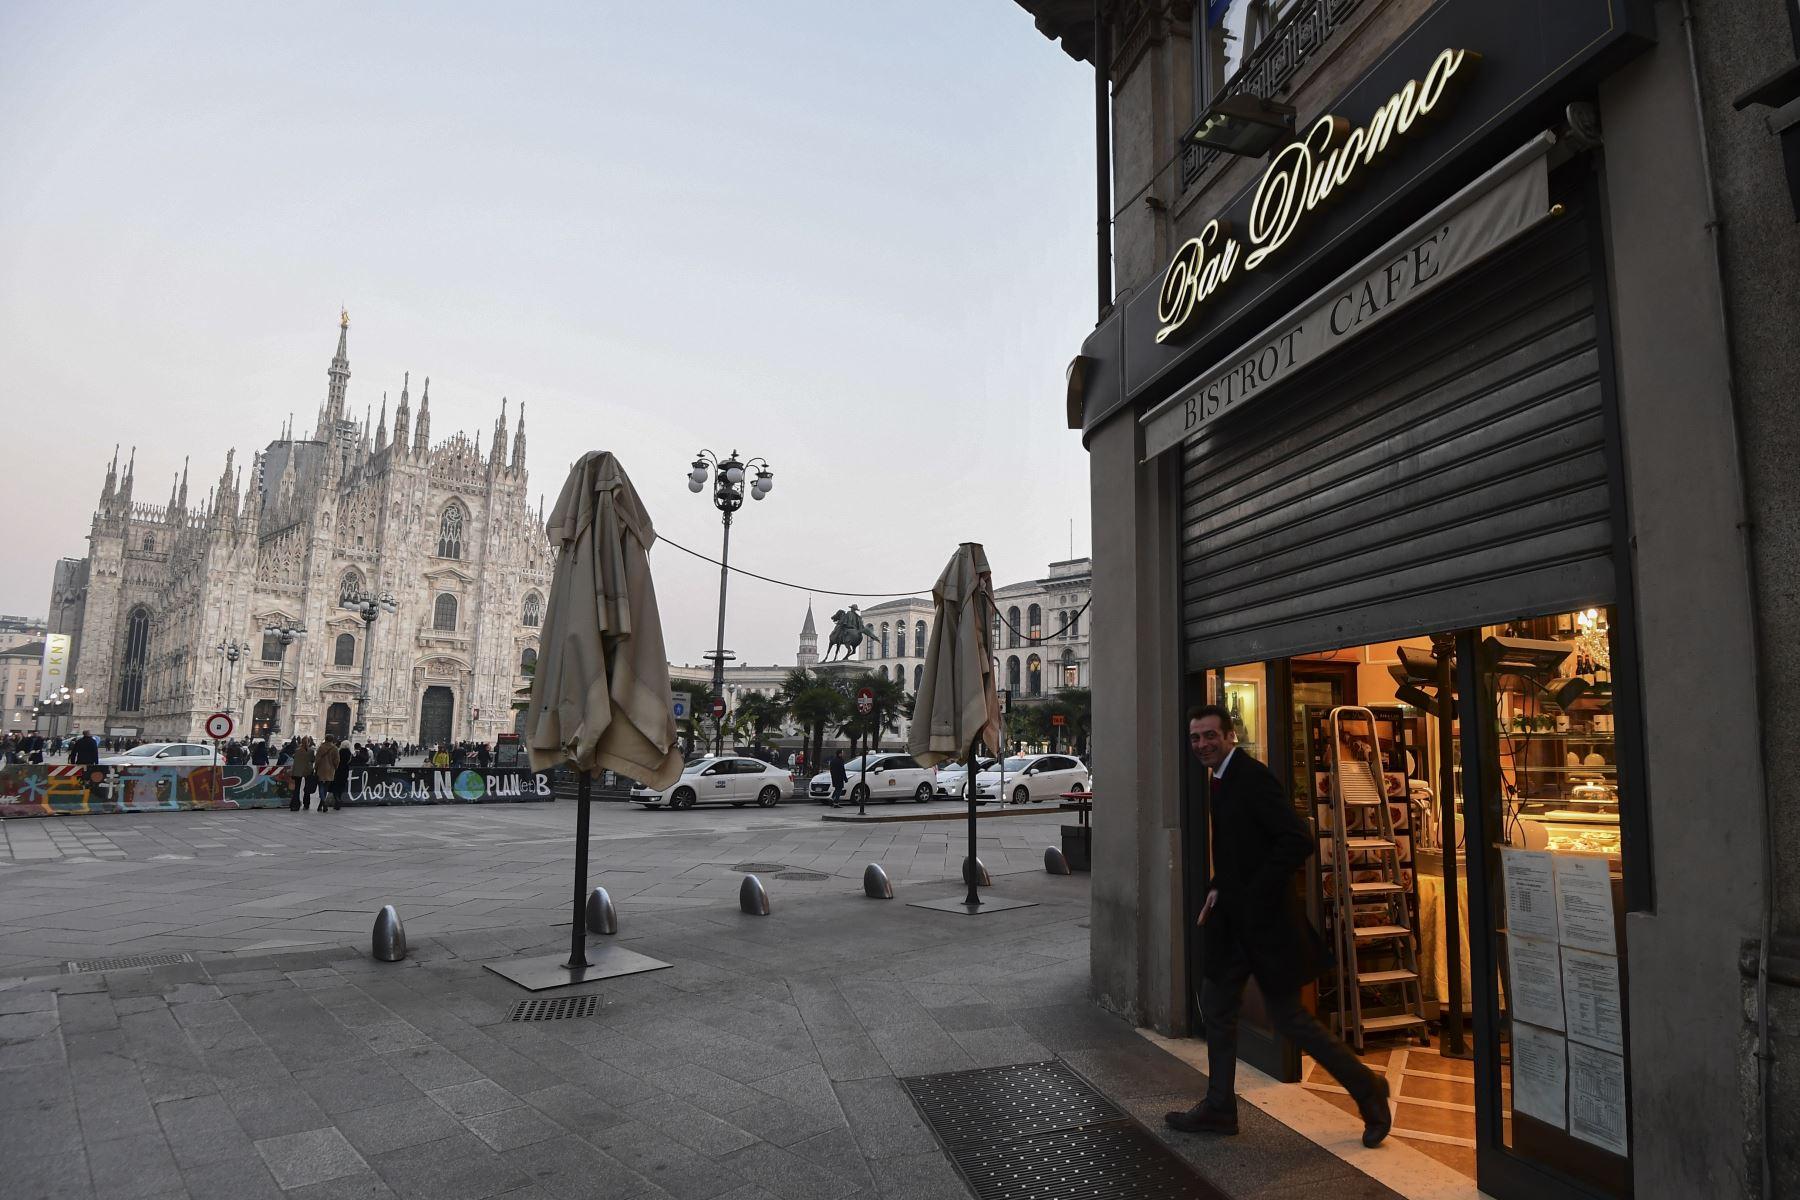 Un hombre sale de un bar al lado de la Piazza del Duomo en el centro de Milán que cierra a las 6 p.m.  luego de tomar medidas de seguridad en el norte de Italia contra el COVID-19. AFP